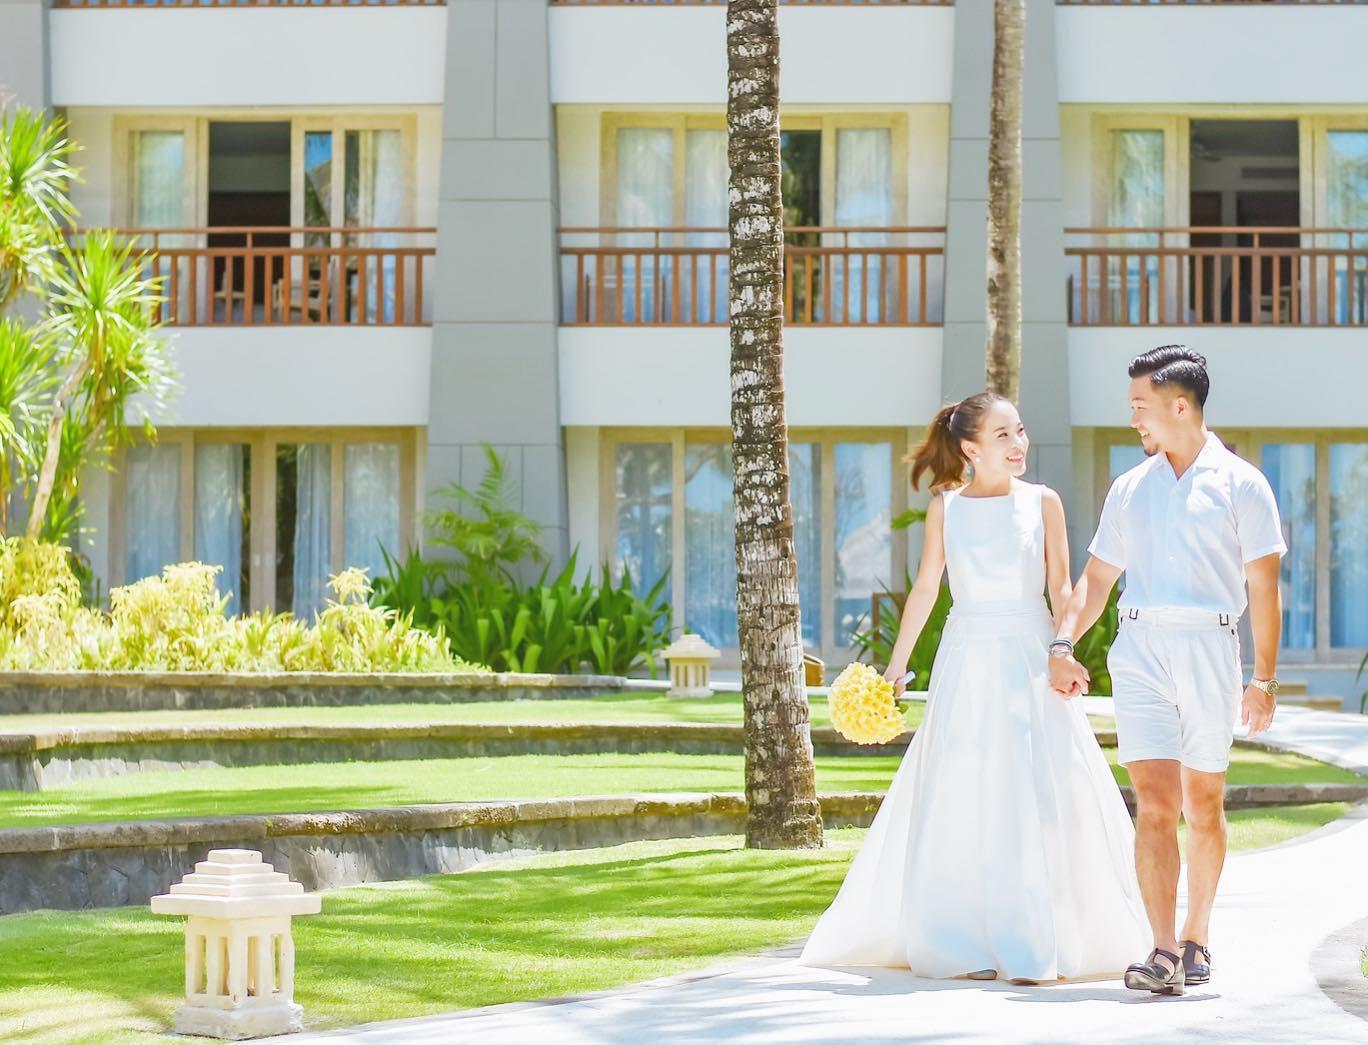 ・おふたりらしいロケーションでおふたりらしいコーディネートで「スキ」を沢山詰め込んだお写真を残しませんか?・legeretesではご希望をお伺いし素敵なロケーション撮影をプロデュース致します・まずはお気軽にDMからご相談下さい🕊・#wedding #weddingdress #legeretes #claras #paris #vowrenewal#ウェディングドレス #プレ花嫁 #ドレス試着 #2021春婚 #2021夏婚 #2021冬婚 #ヘアメイク #結婚式  #ドレス選び #前撮り #後撮り #フォトウェディング #ウェディングヘア  #フォト婚 #前撮り写真 #ブライダルフォト #カップルフォト #ウェディングドレス探し #ウェディングドレス試着 #レンタルドレス #ドレスショップ #家族婚 #バウリニューアル #記念日婚